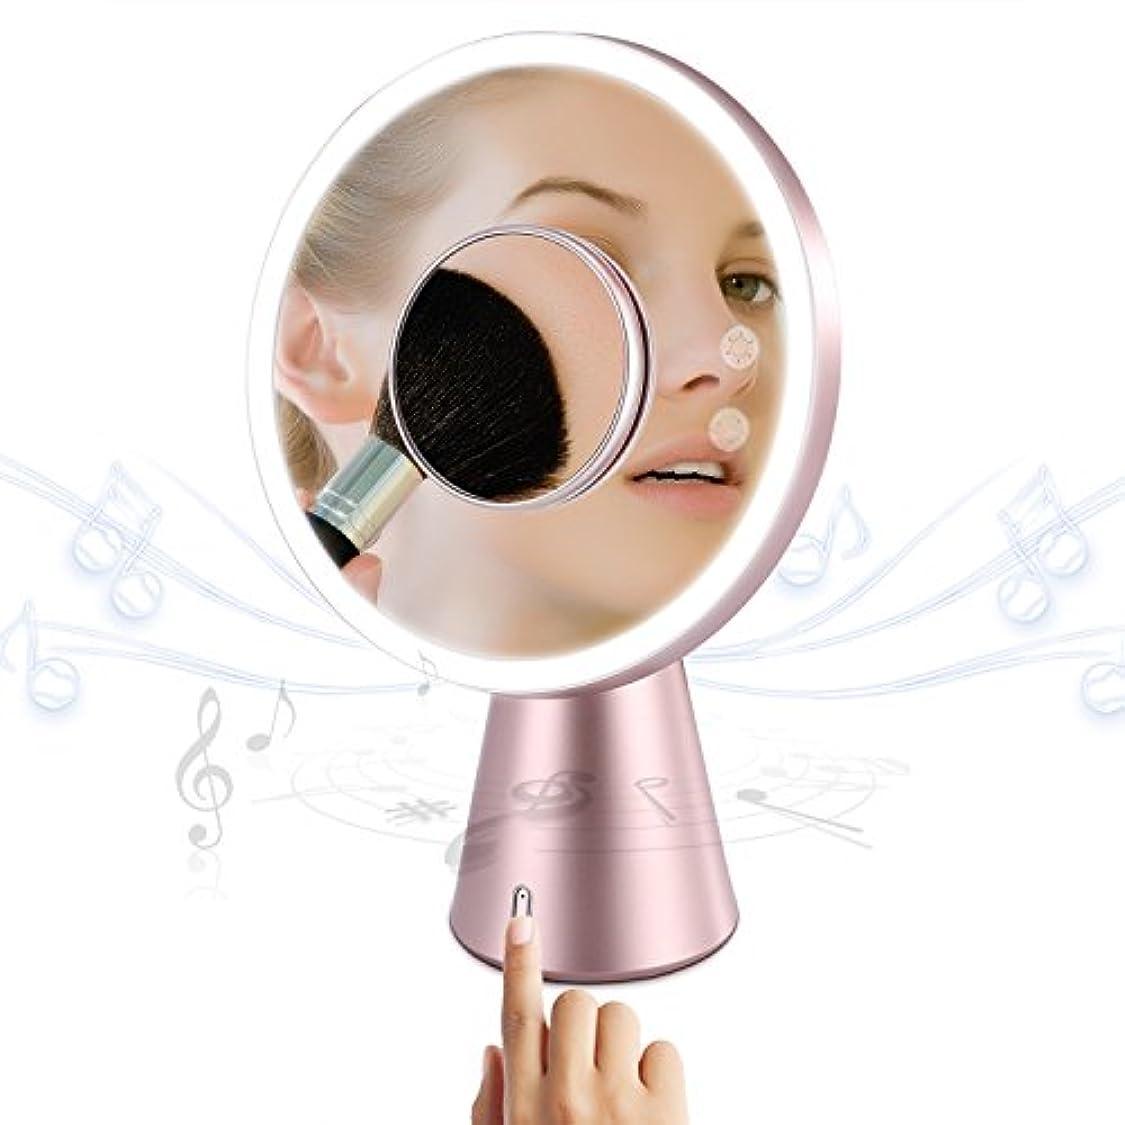 くしゃくしゃスイング韓国語Fascinate 鏡 化粧鏡 LED ミラー 卓上 5倍拡大 スタンドミラー 美容鏡ledライト付き 明るさ調整可能 USB充電式 ブルートゥーススピーカー デスクライト兼用